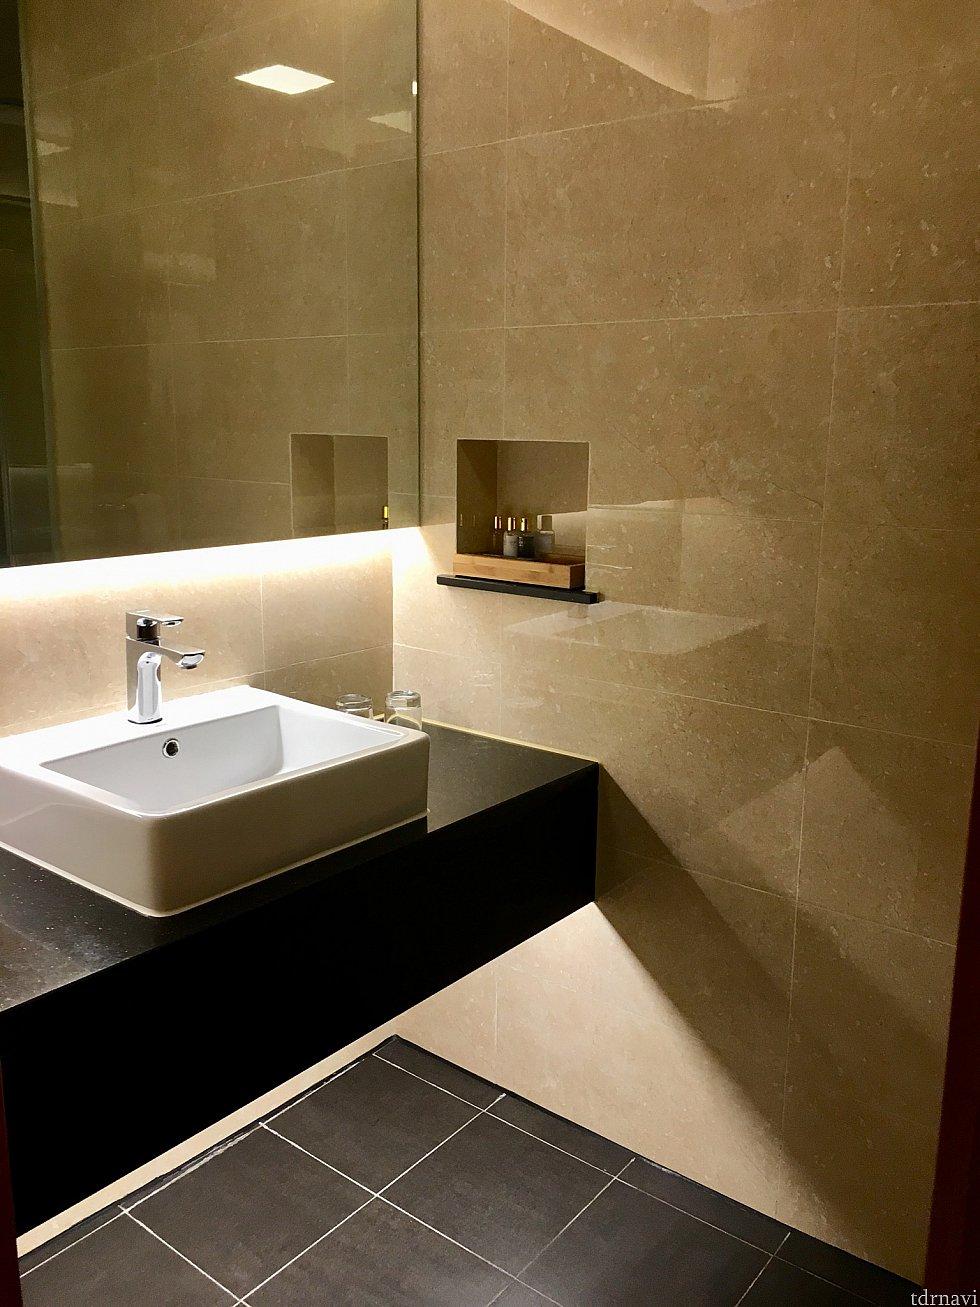 トイレ・シャワー向かいの洗面台。清潔できれいでした。